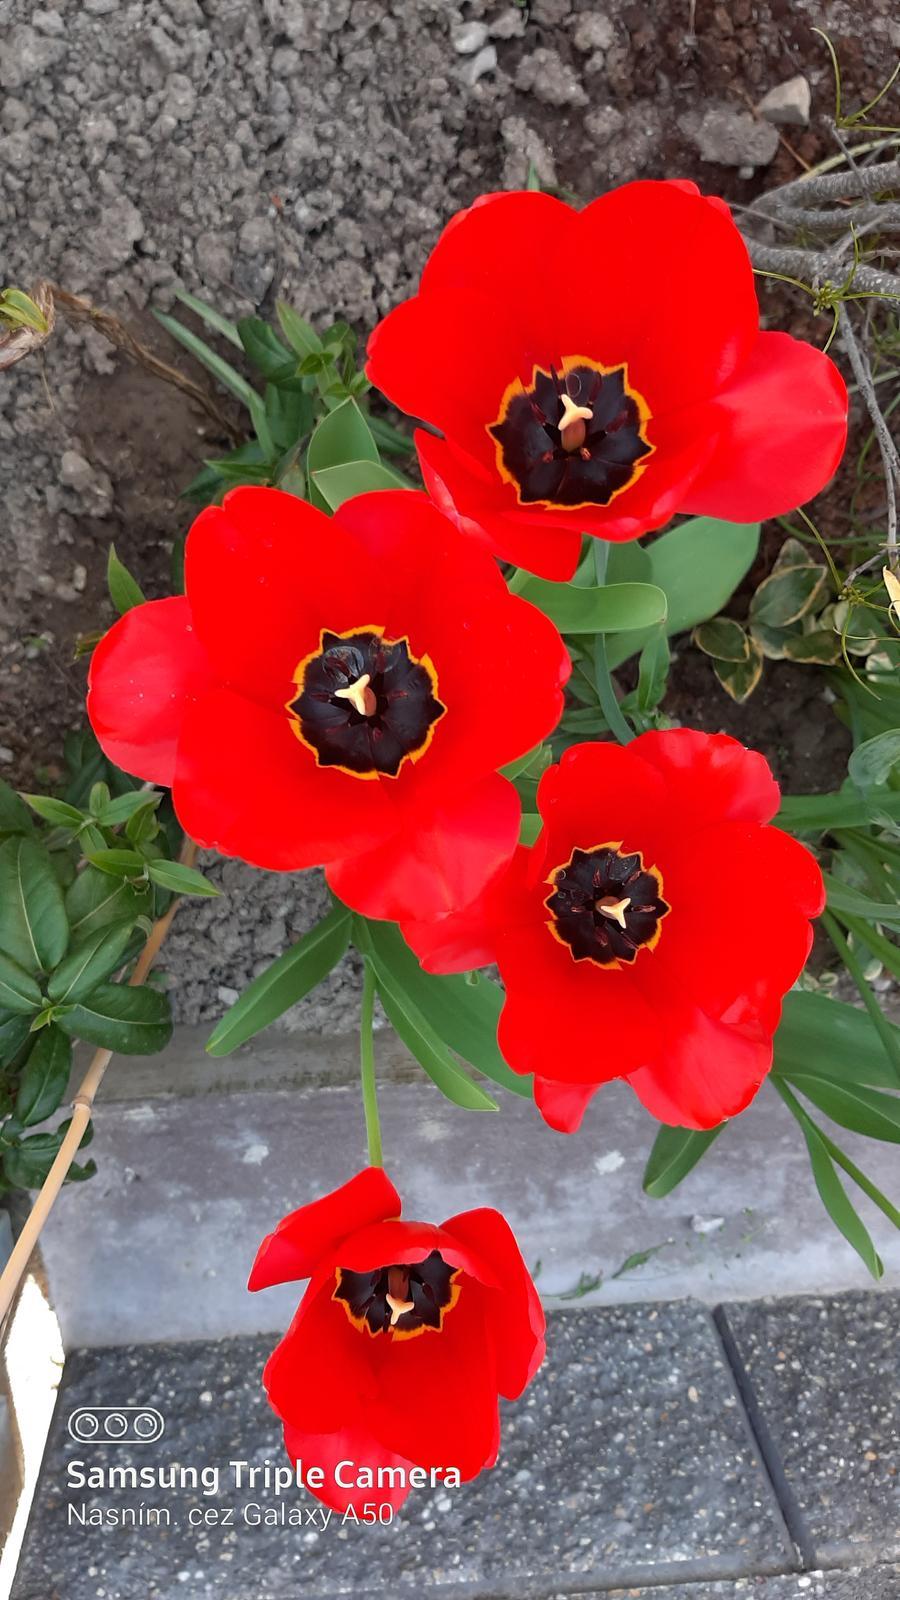 🏠🌞🌺❤🌷 Zahrada a jej dalsi rok...2020 🌱🐞🐛🦋🍓🥕🍅🌺❤ - Tulipany mojej milovanej babky ❤